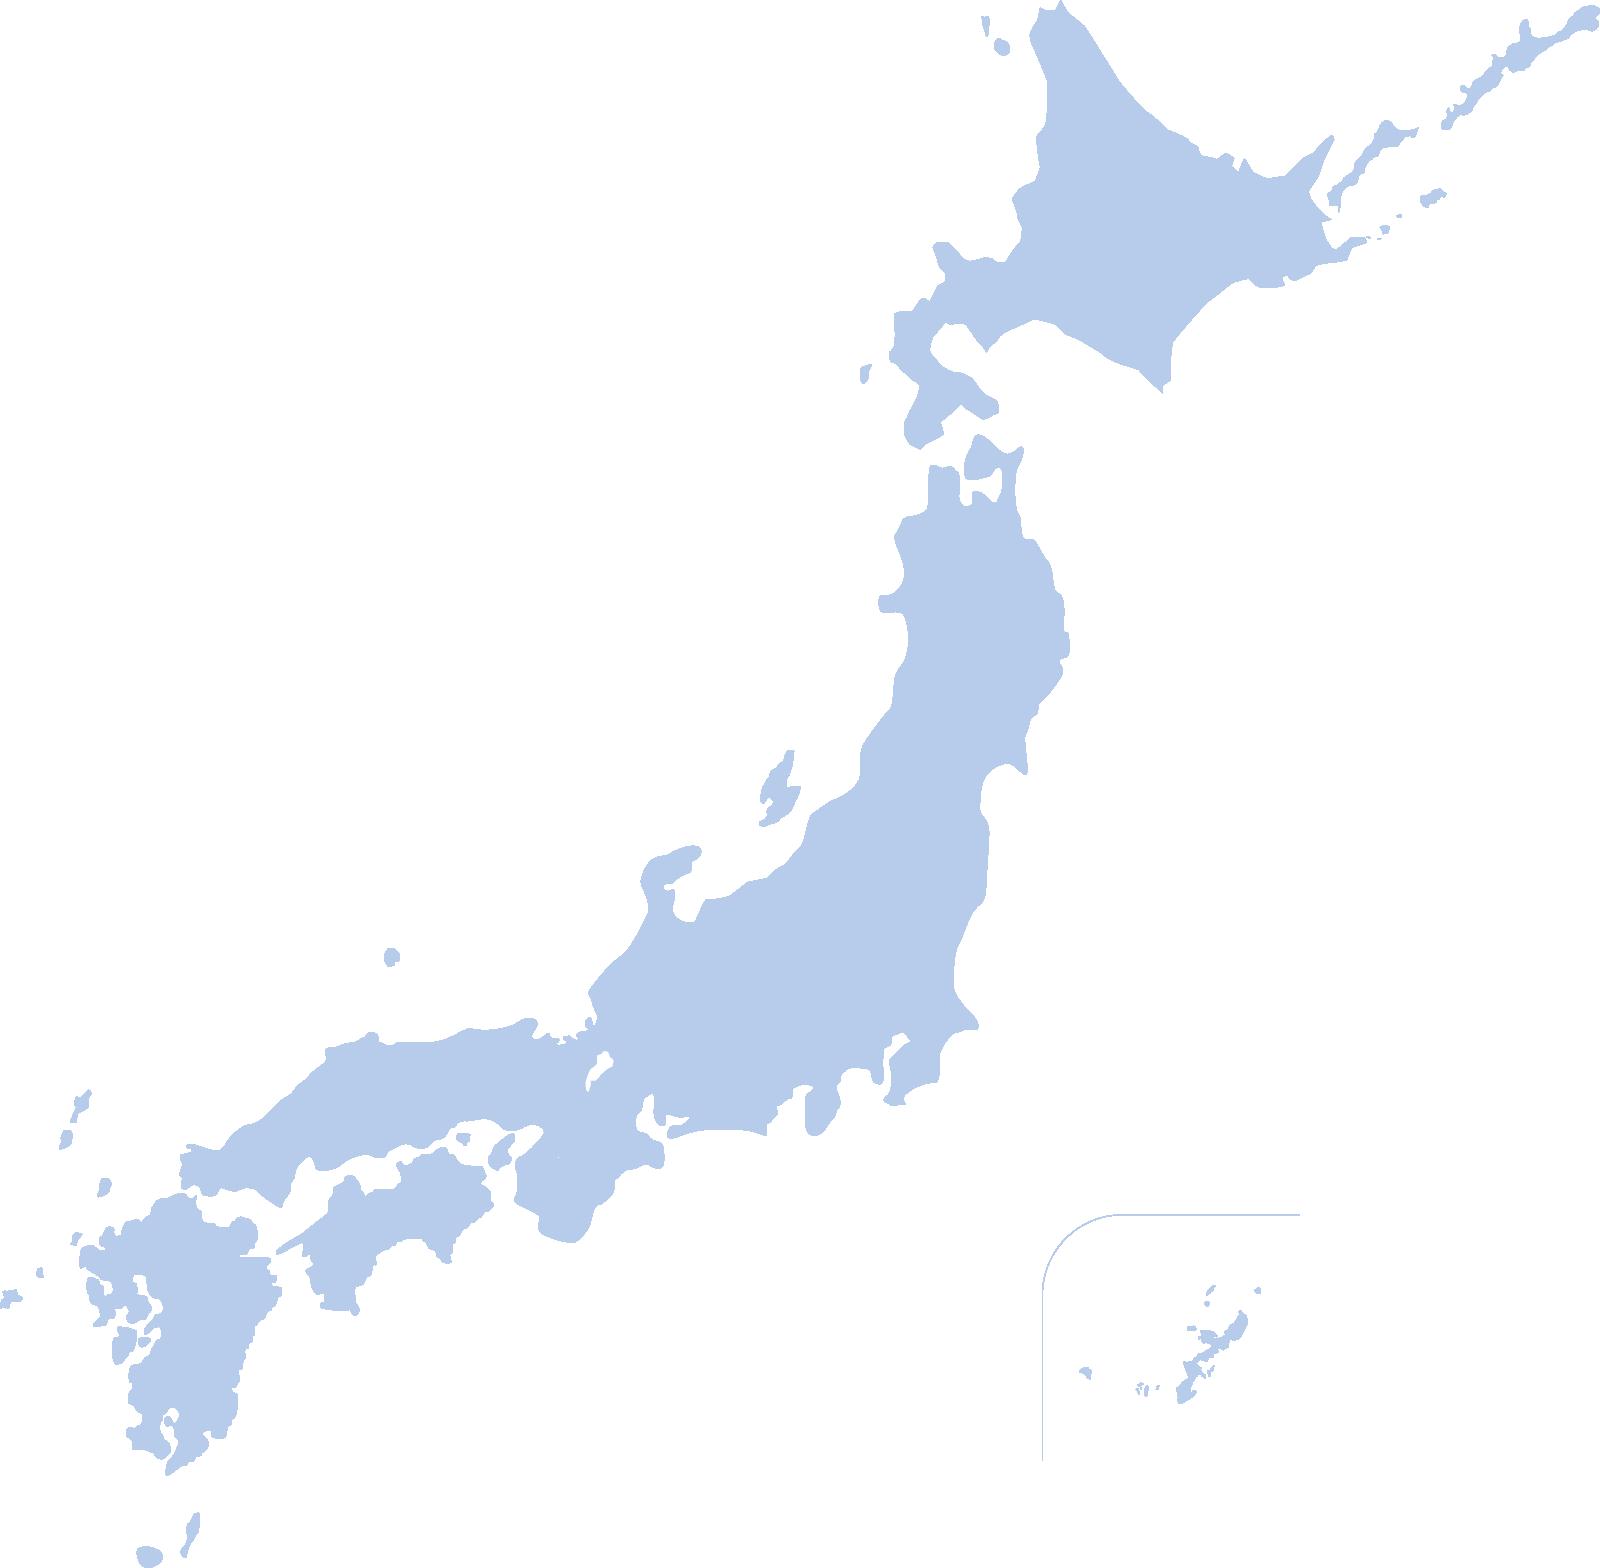 かわいい色の日本地図イラスト(淡いブルー)